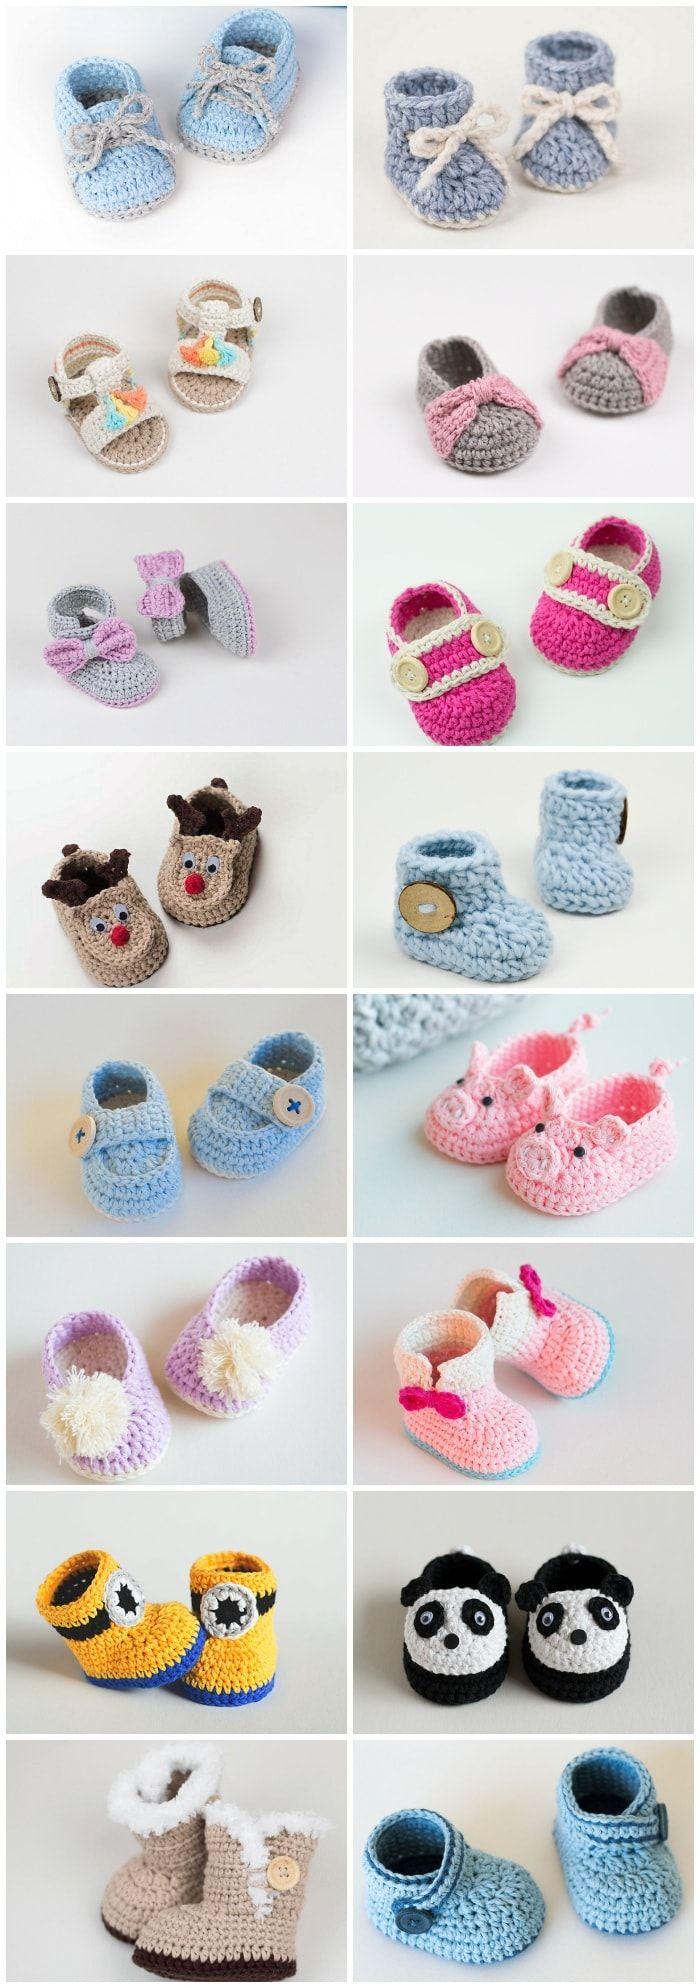 16 Free Crochet Baby Booties | Patrones de ganchillo | Pinterest ...